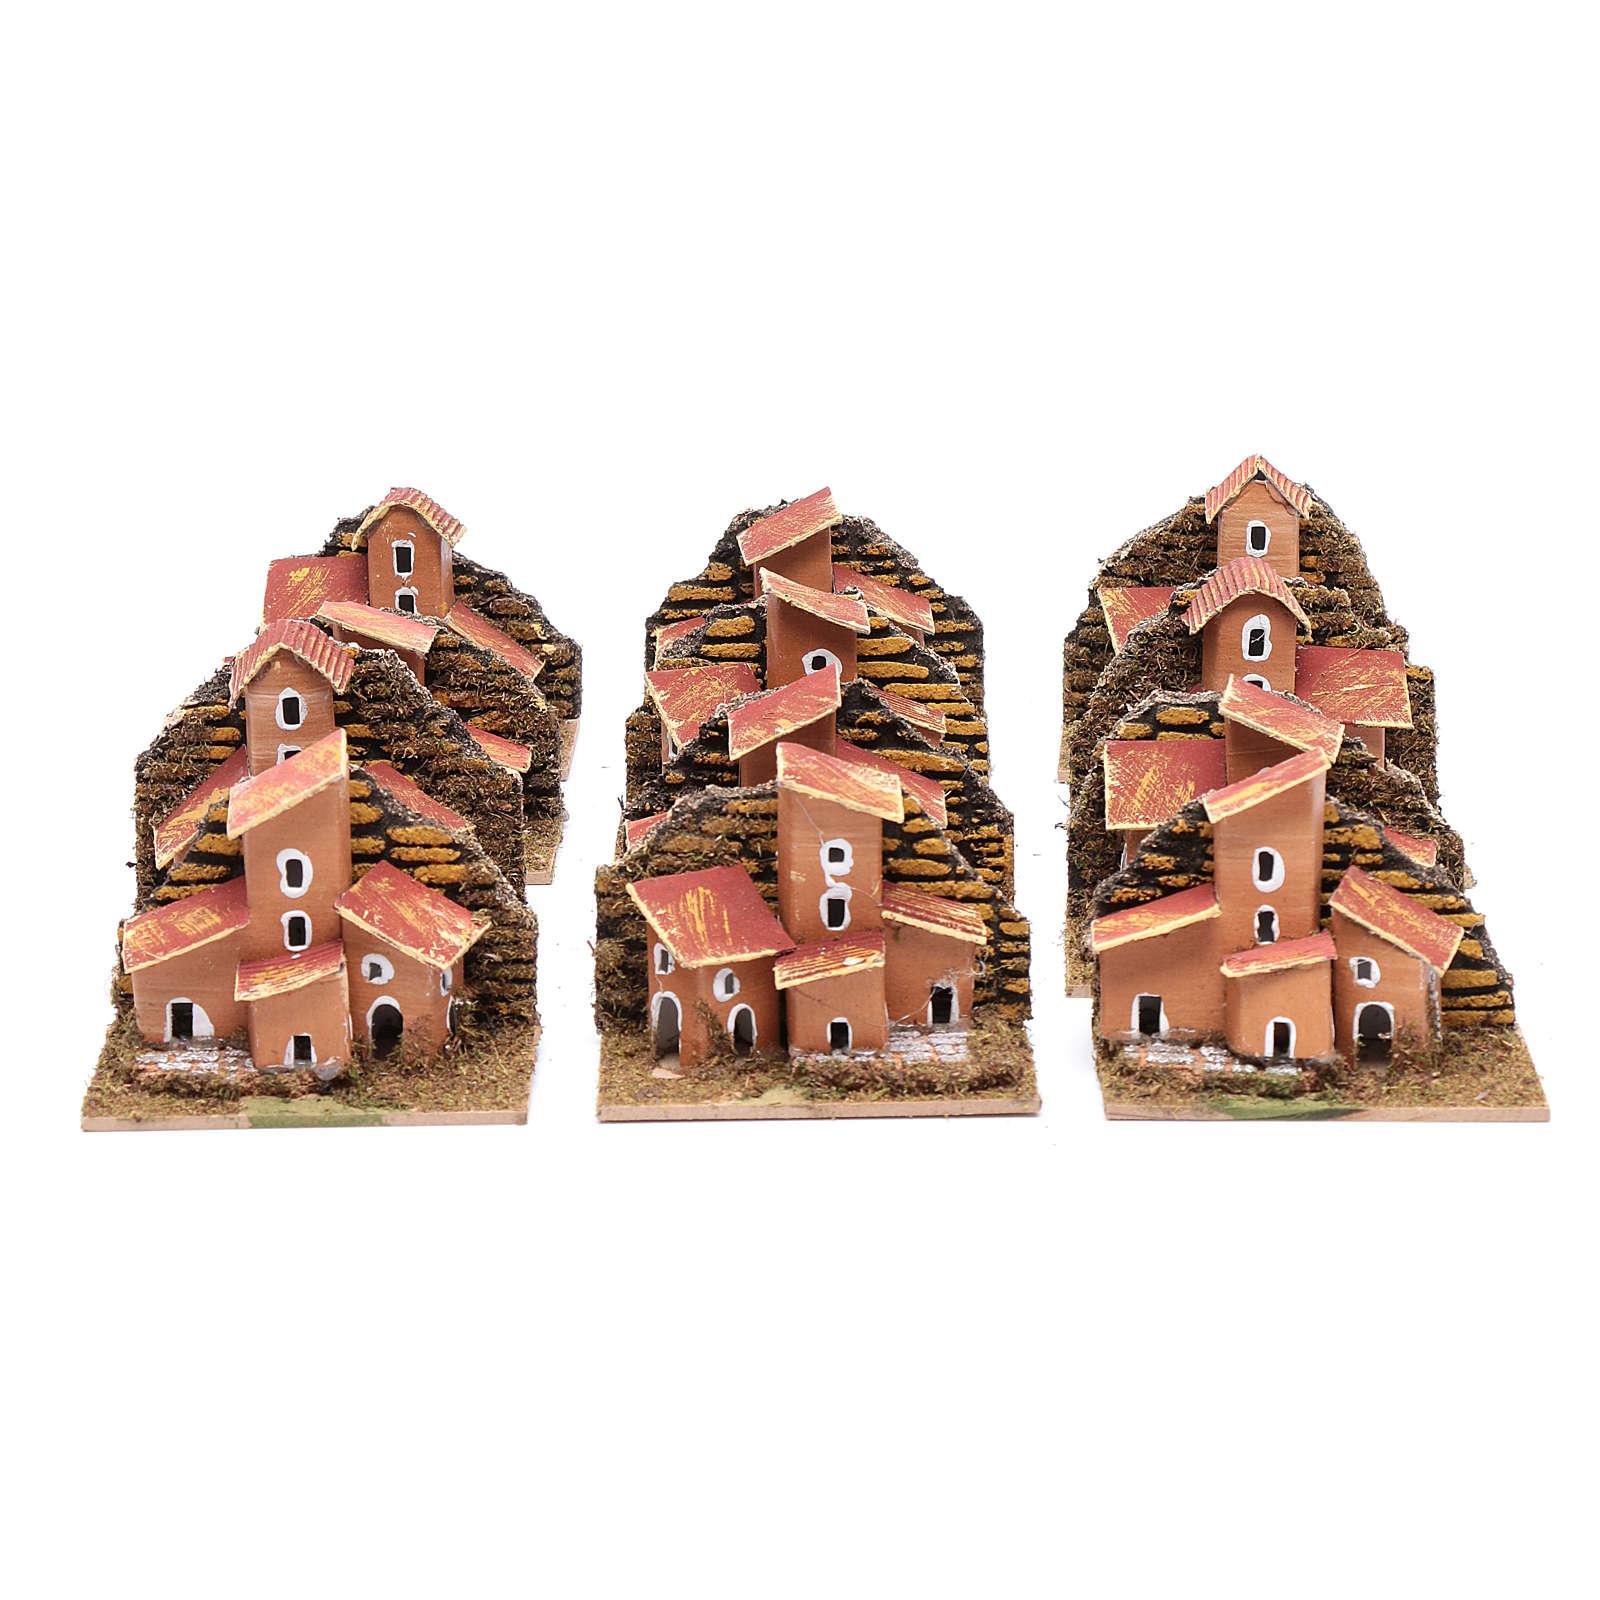 Set of 12 little houses 5x10x5 cm for DIY nativity scene 4